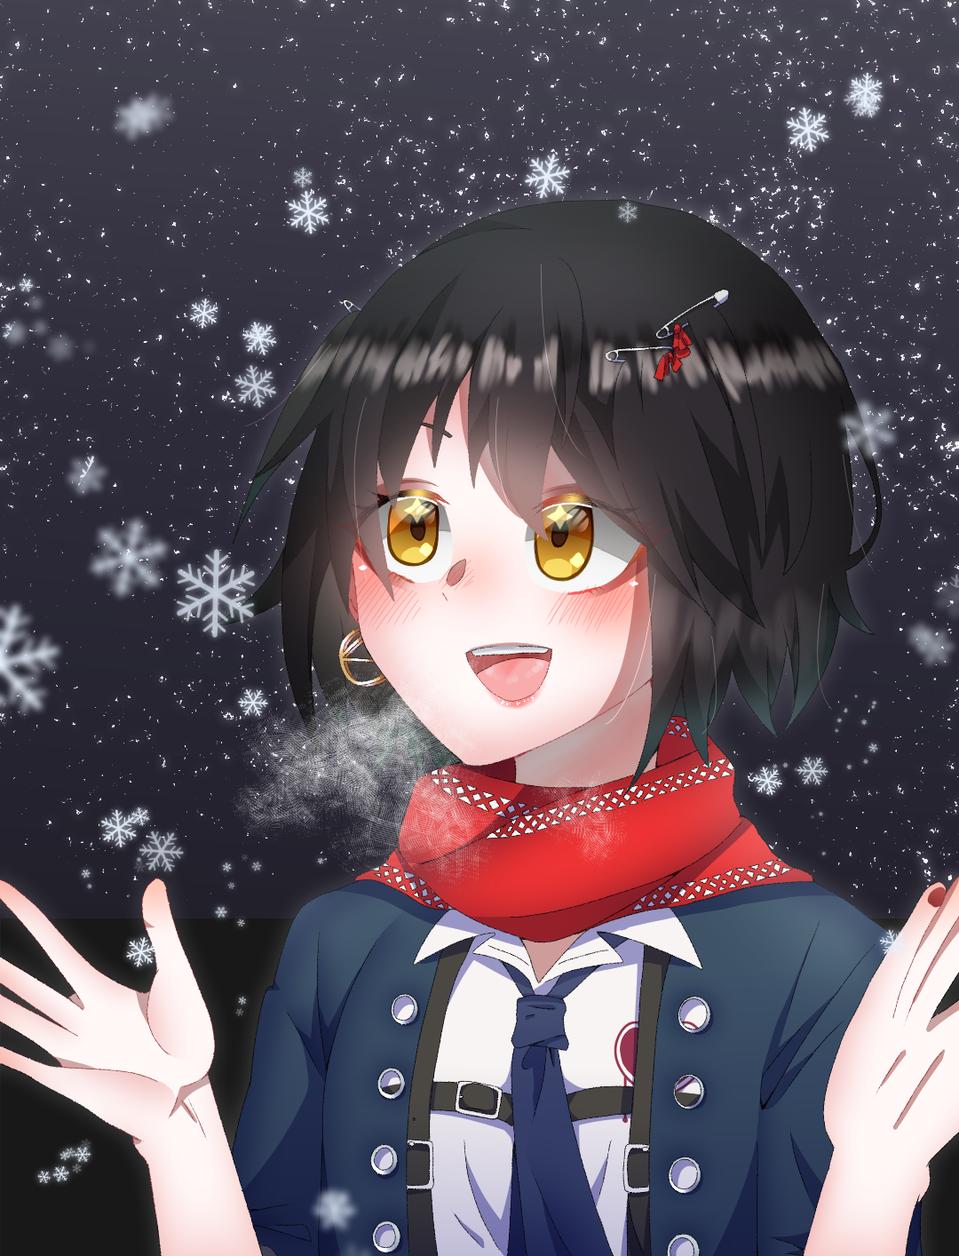 雪だぁ〜!✨ Illust of 柴の実はサファイア medibangpaint ましろ virtual_YouTuber snow にじさんじ